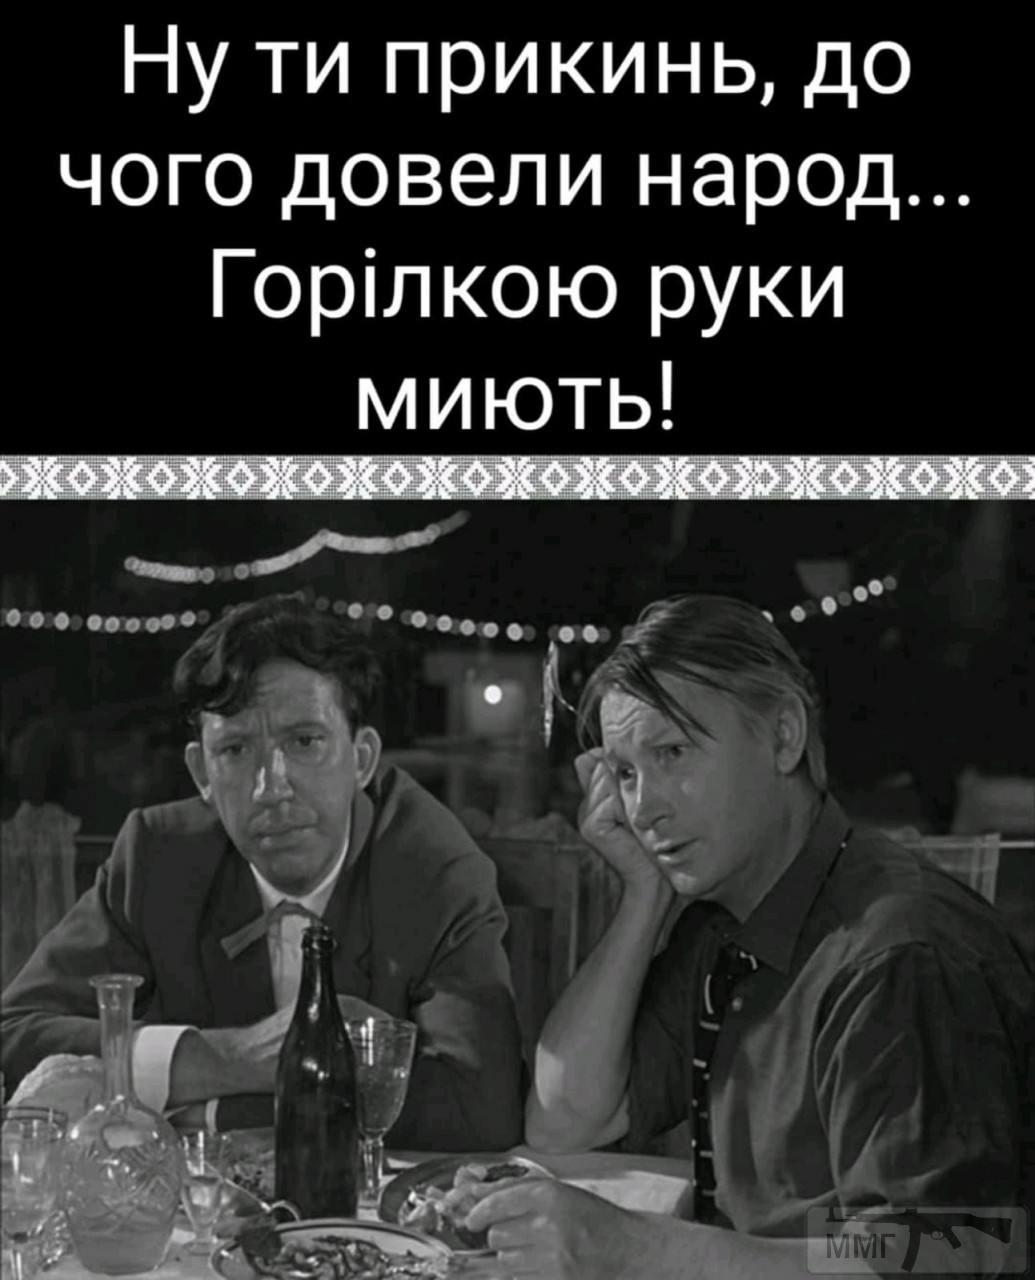 101256 - Пить или не пить? - пятничная алкогольная тема )))